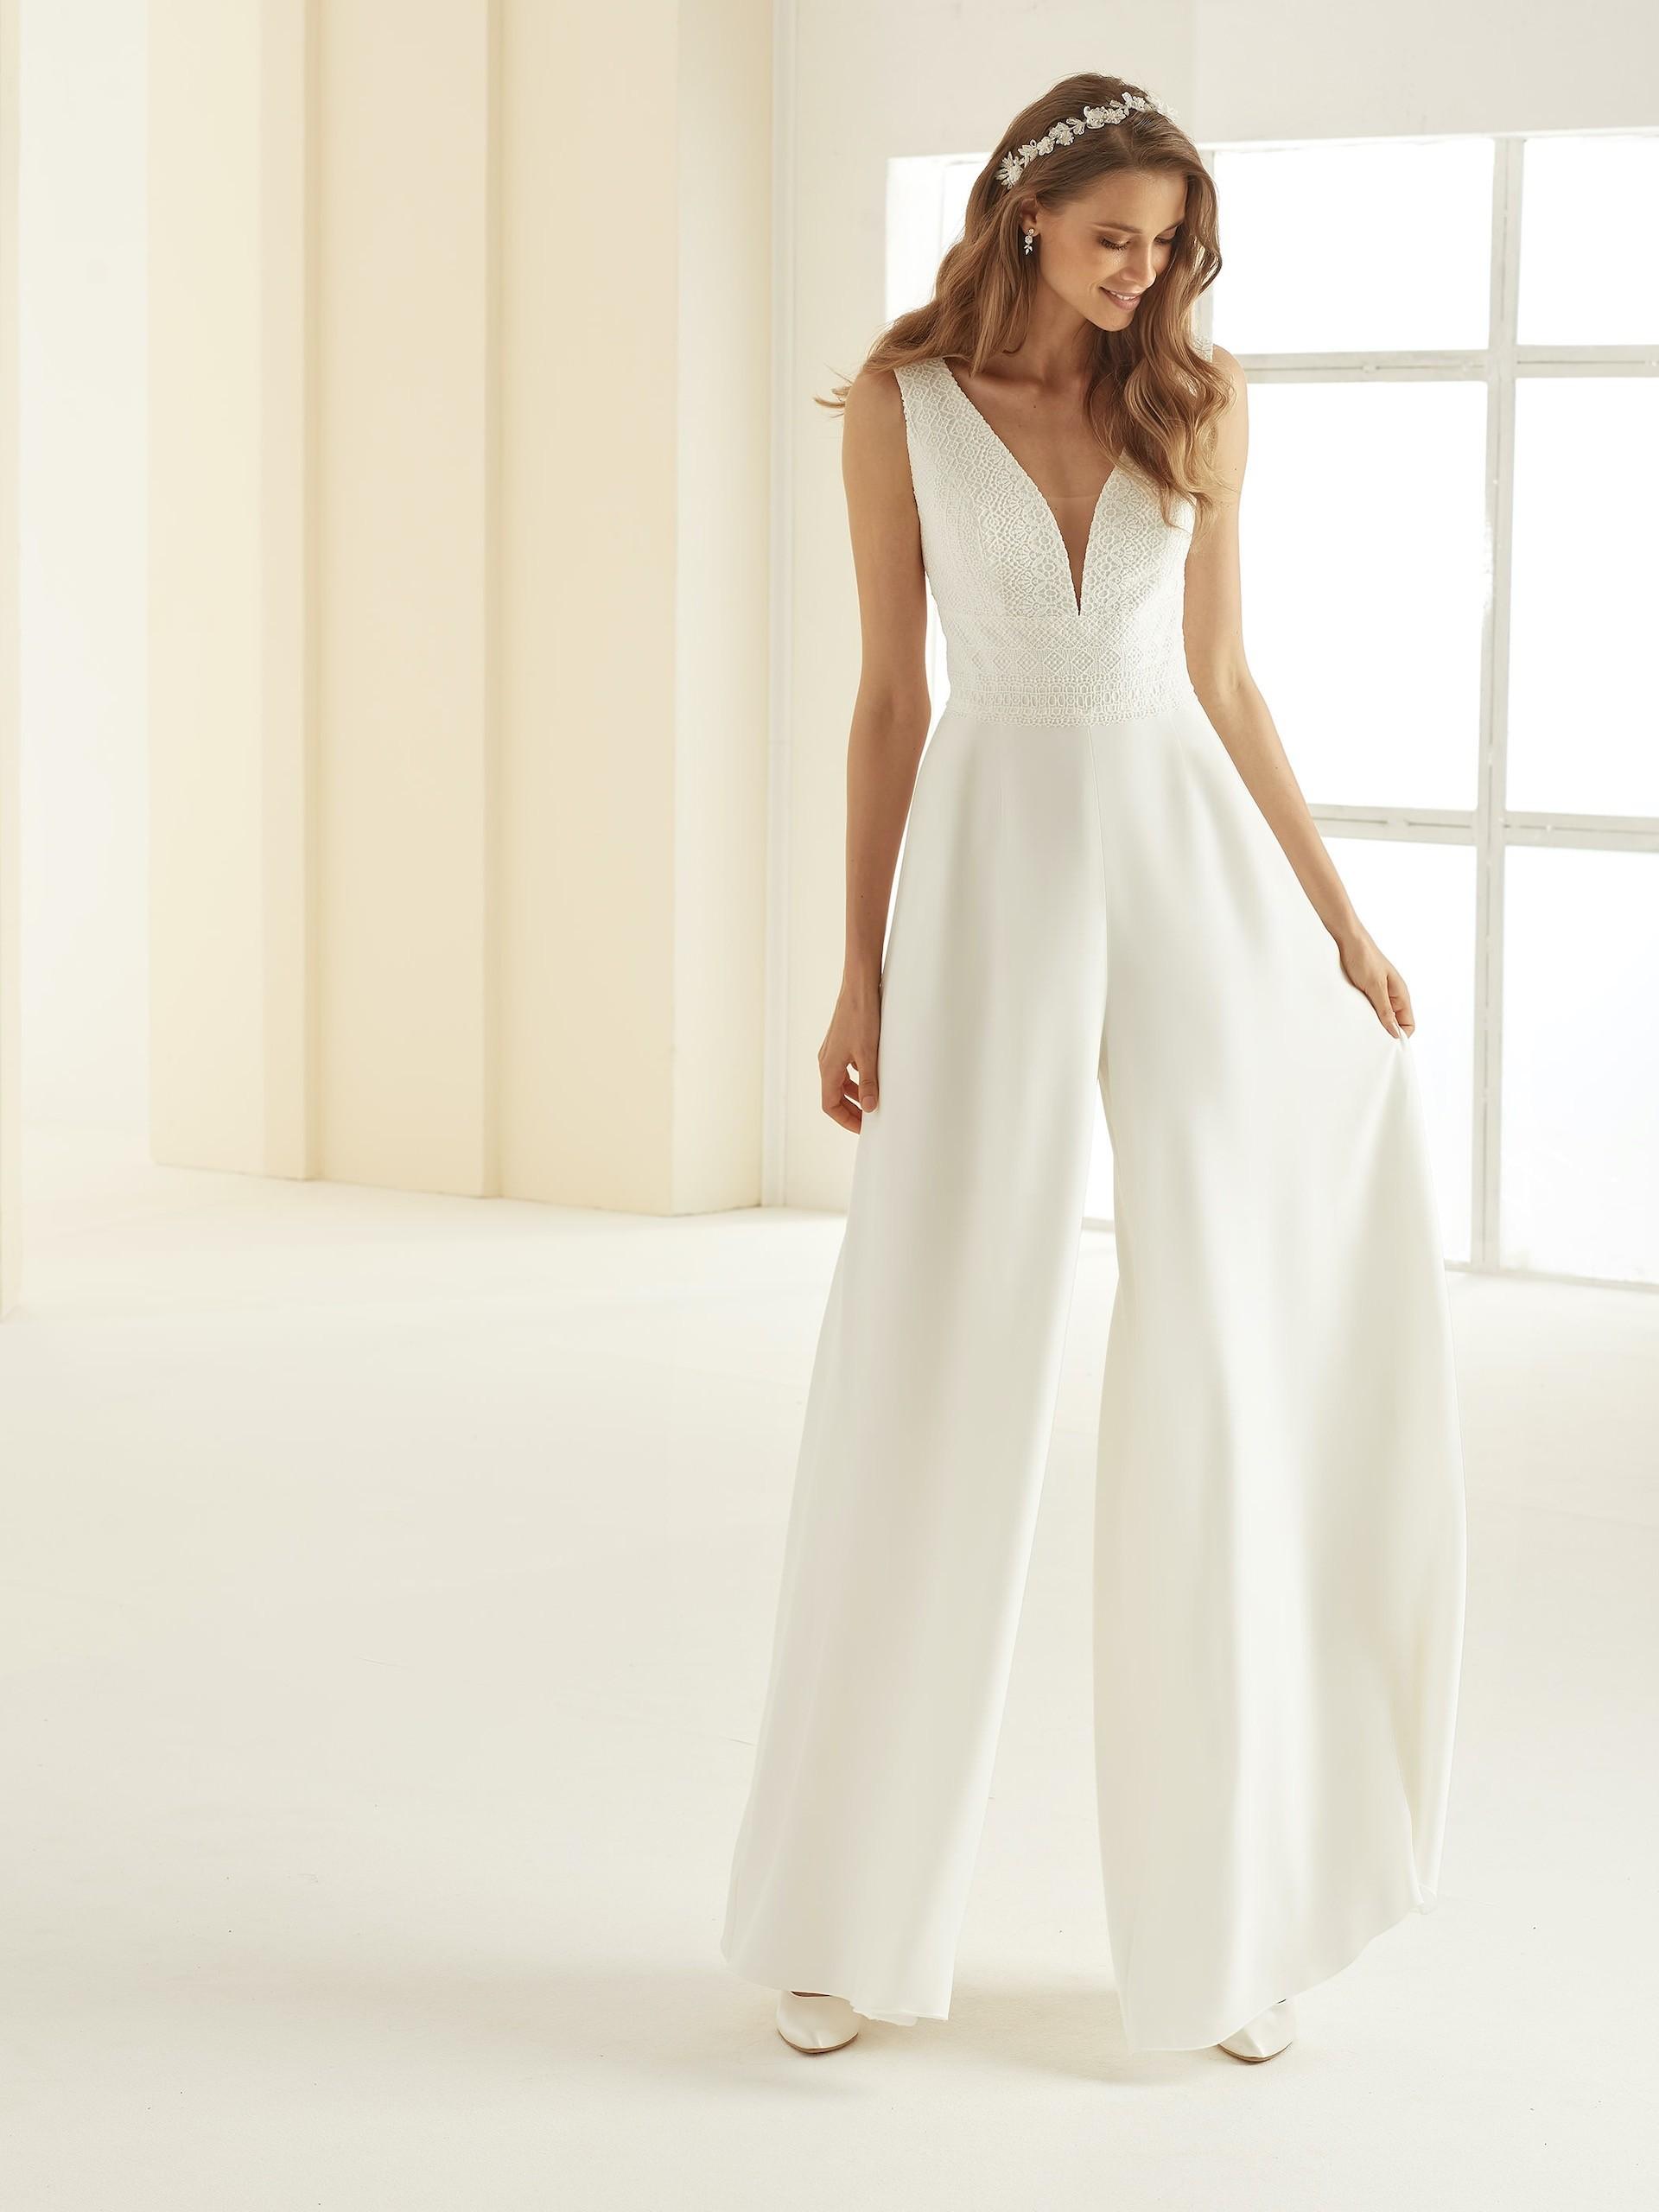 Ärmelloser Hochzeits-Jumpsuit mit Spitzentop und Plunge-Ausschnitt von Bianco Evento, Modell Celeste